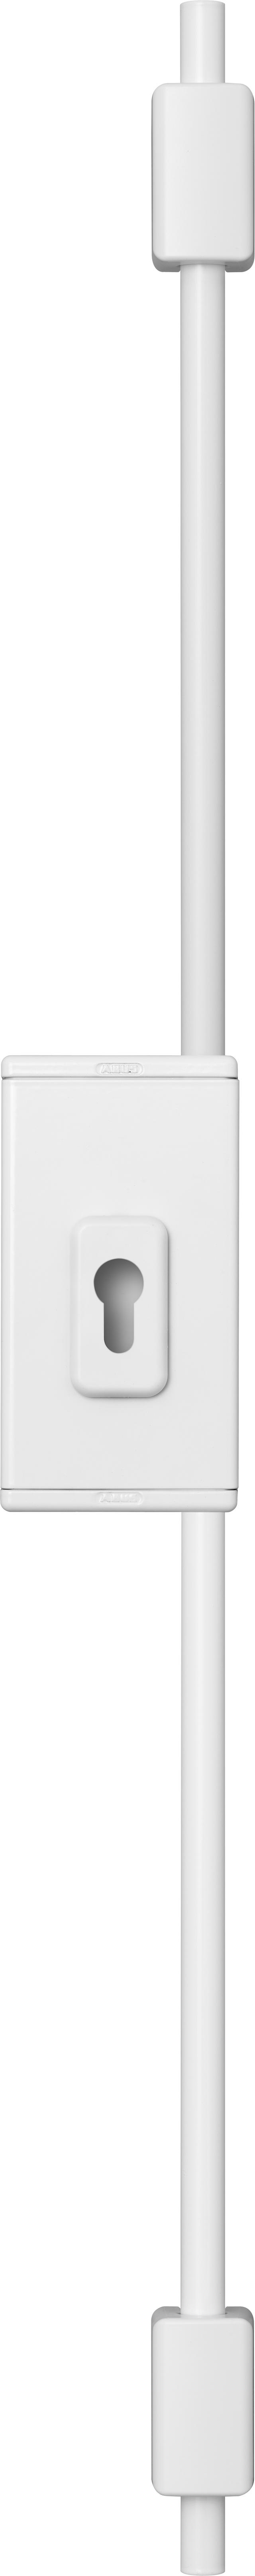 Tür-Stangenschloss TSS550 W ohne Zylinder